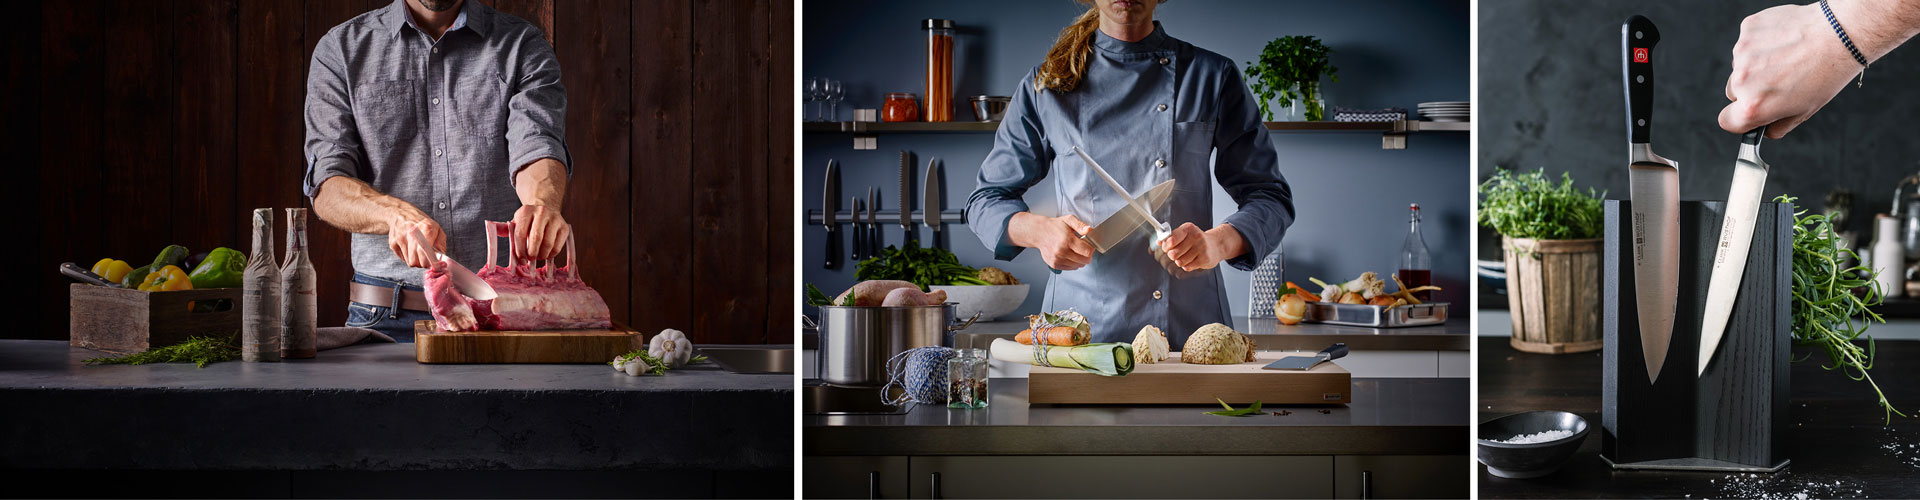 Wüsthof-knivsliper-slipestål-oppbevaring-knivblokk-knivlist.jpg